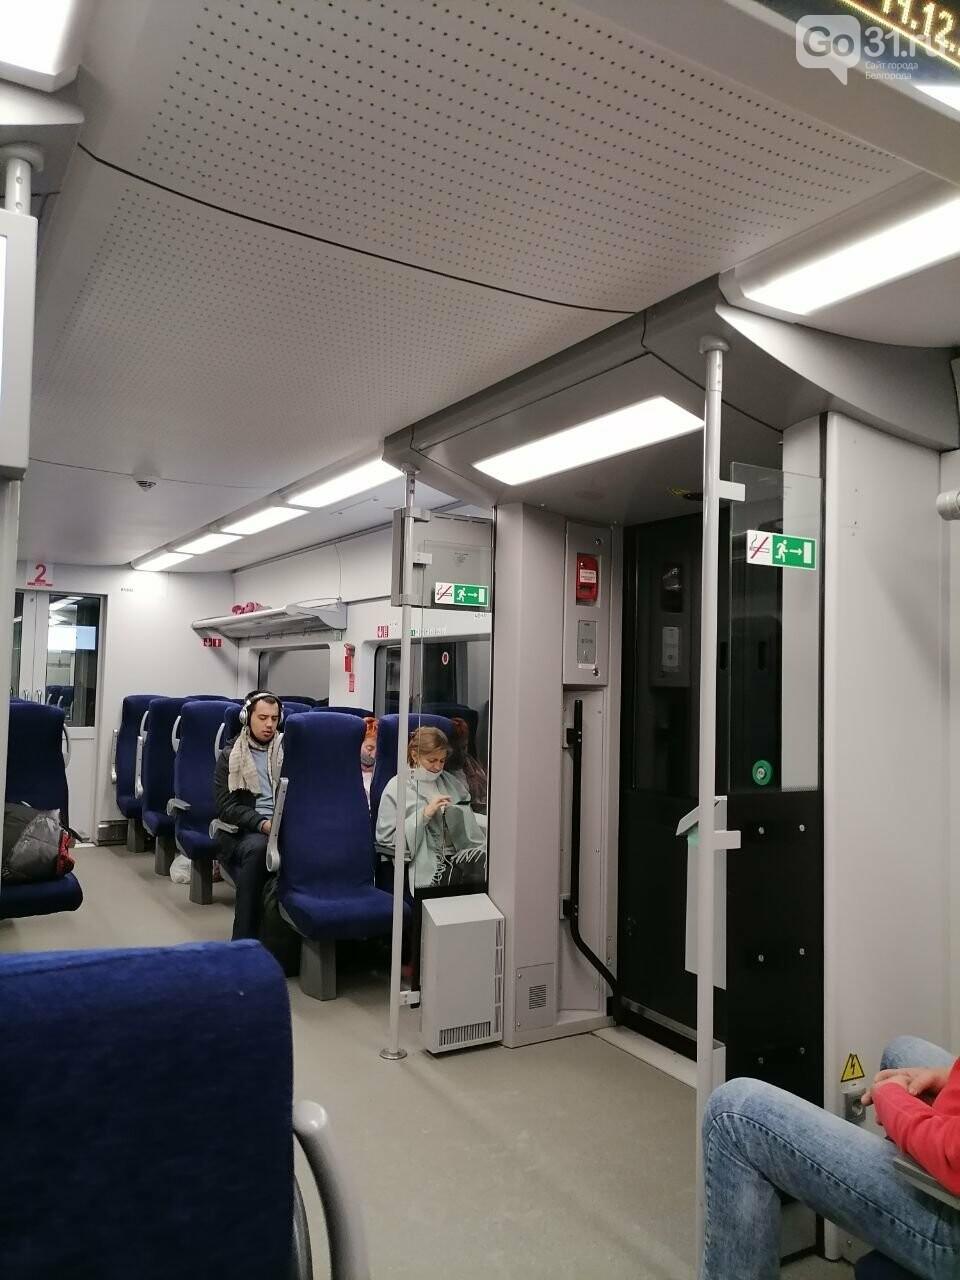 Пассажиры скоростного поезда сидят без света